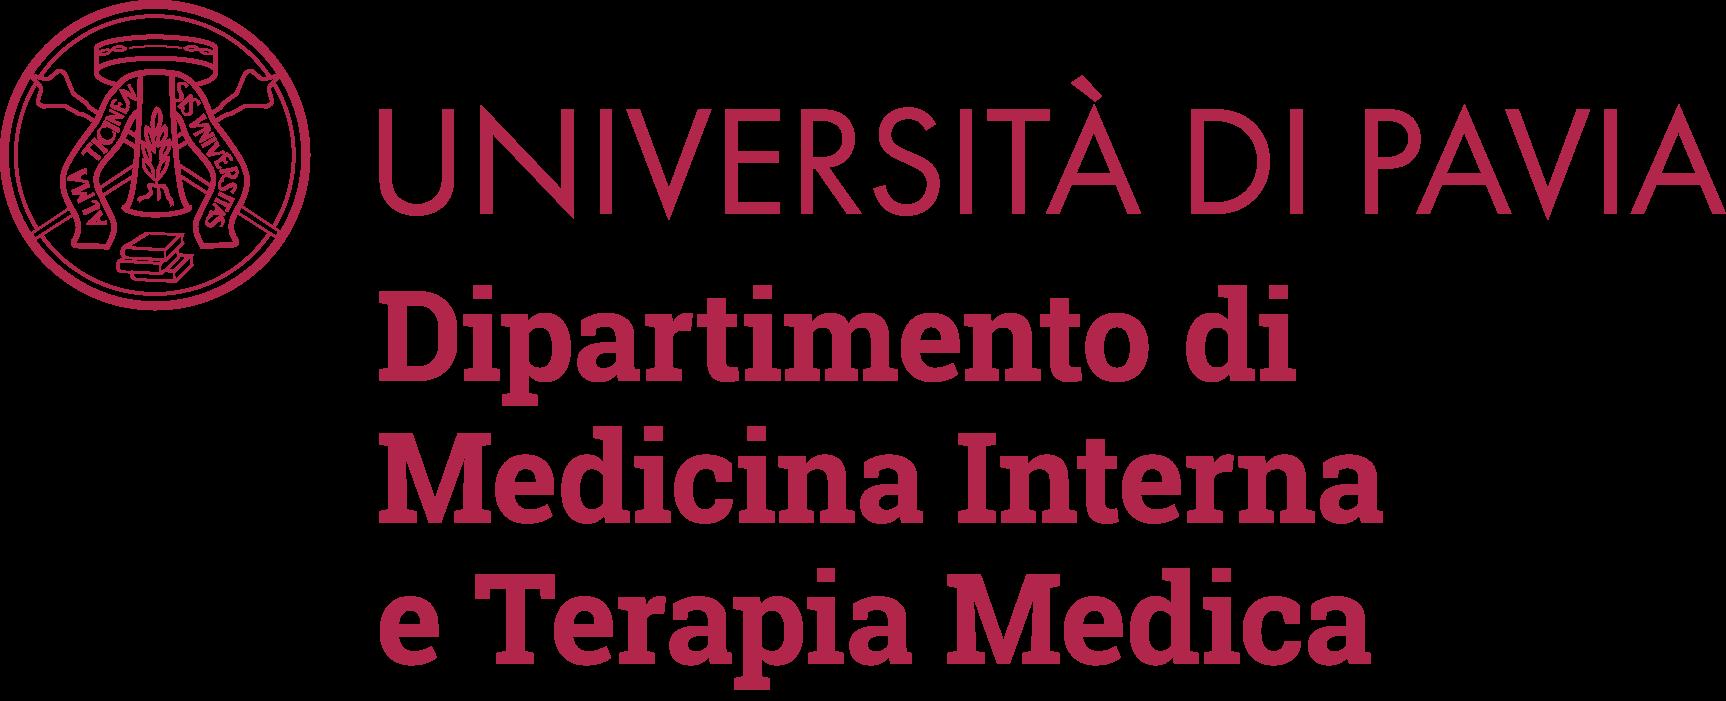 Dipartimento di Medicina Interna e Terapia Medica - Università degli Studi di Pavia